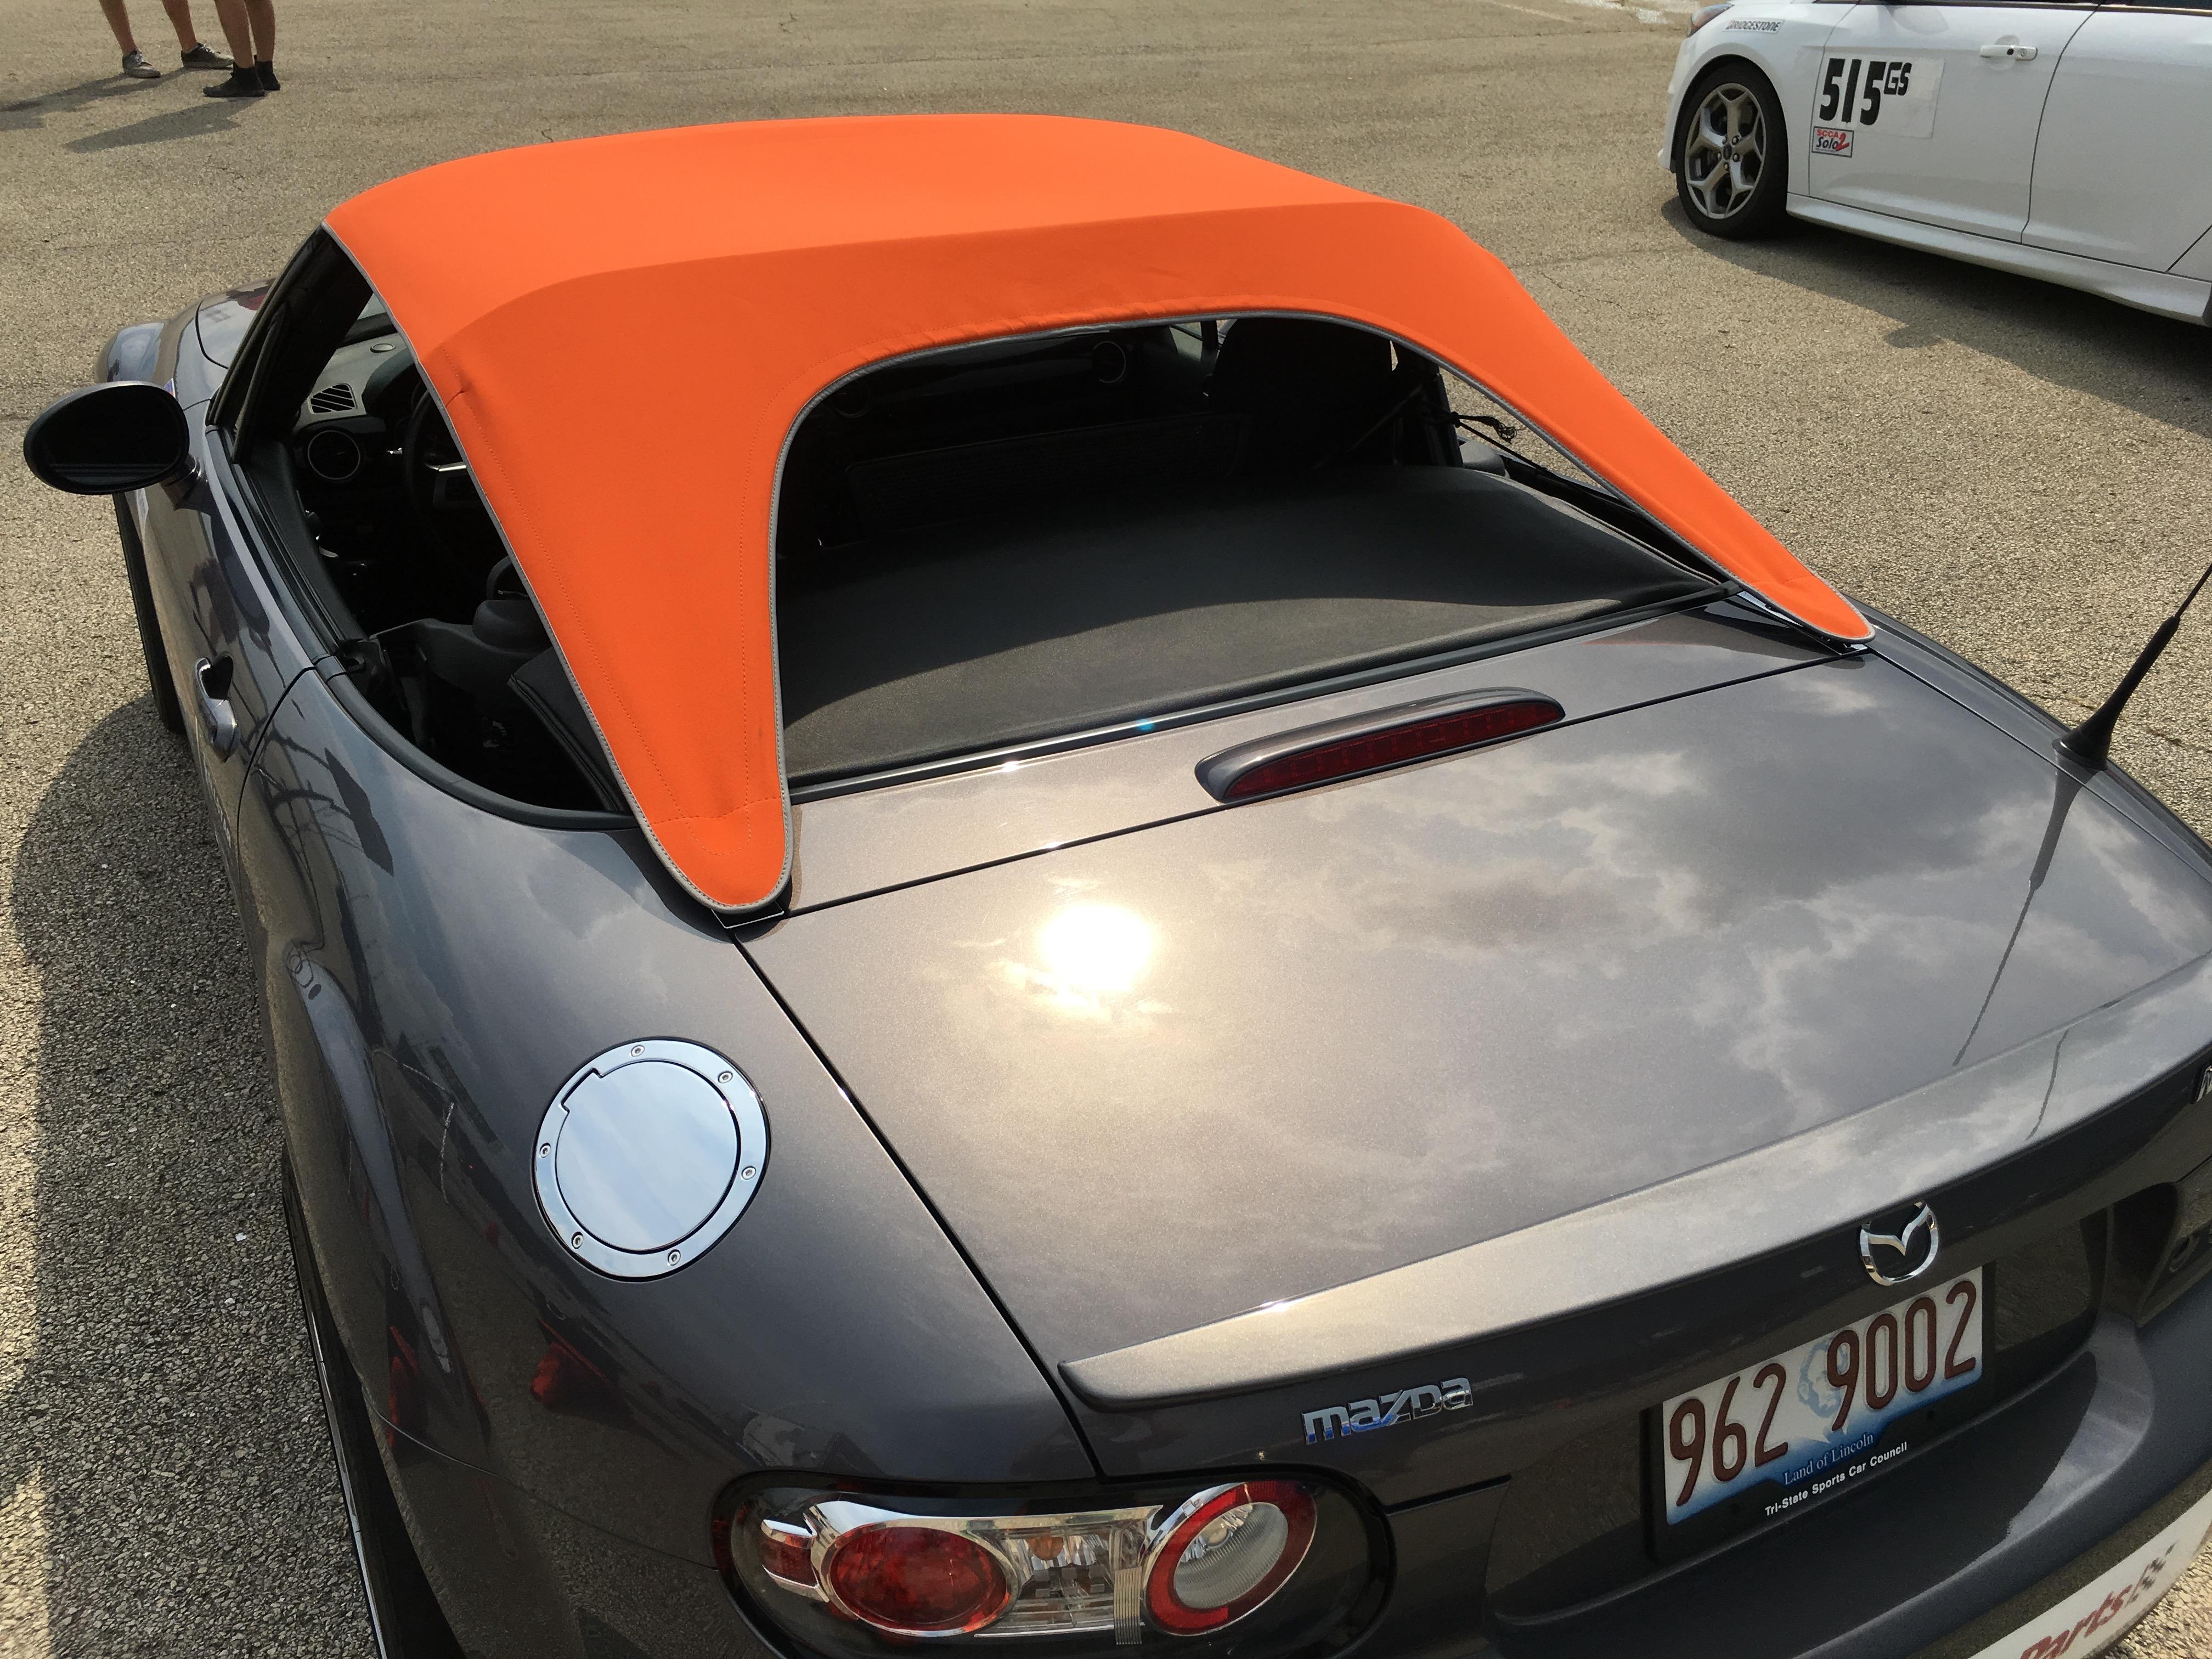 Spyder/Bikini Top Build Photos